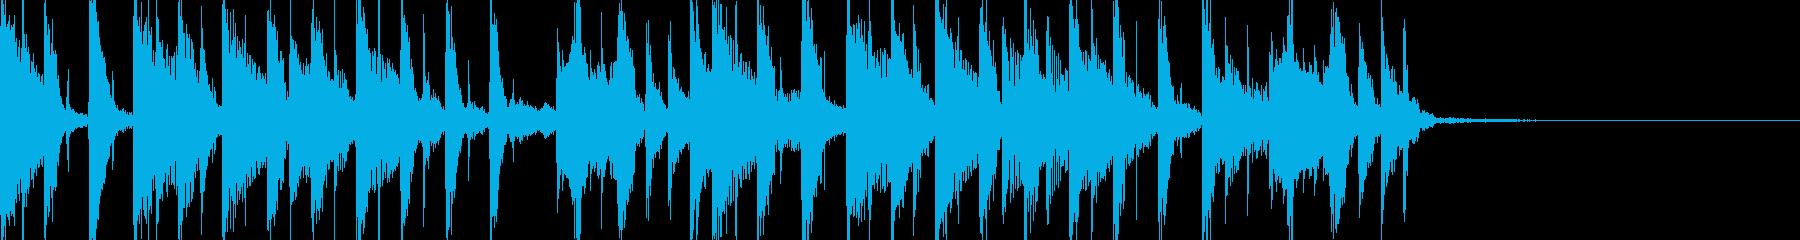 おしゃれ・テクノ・モダン11の再生済みの波形